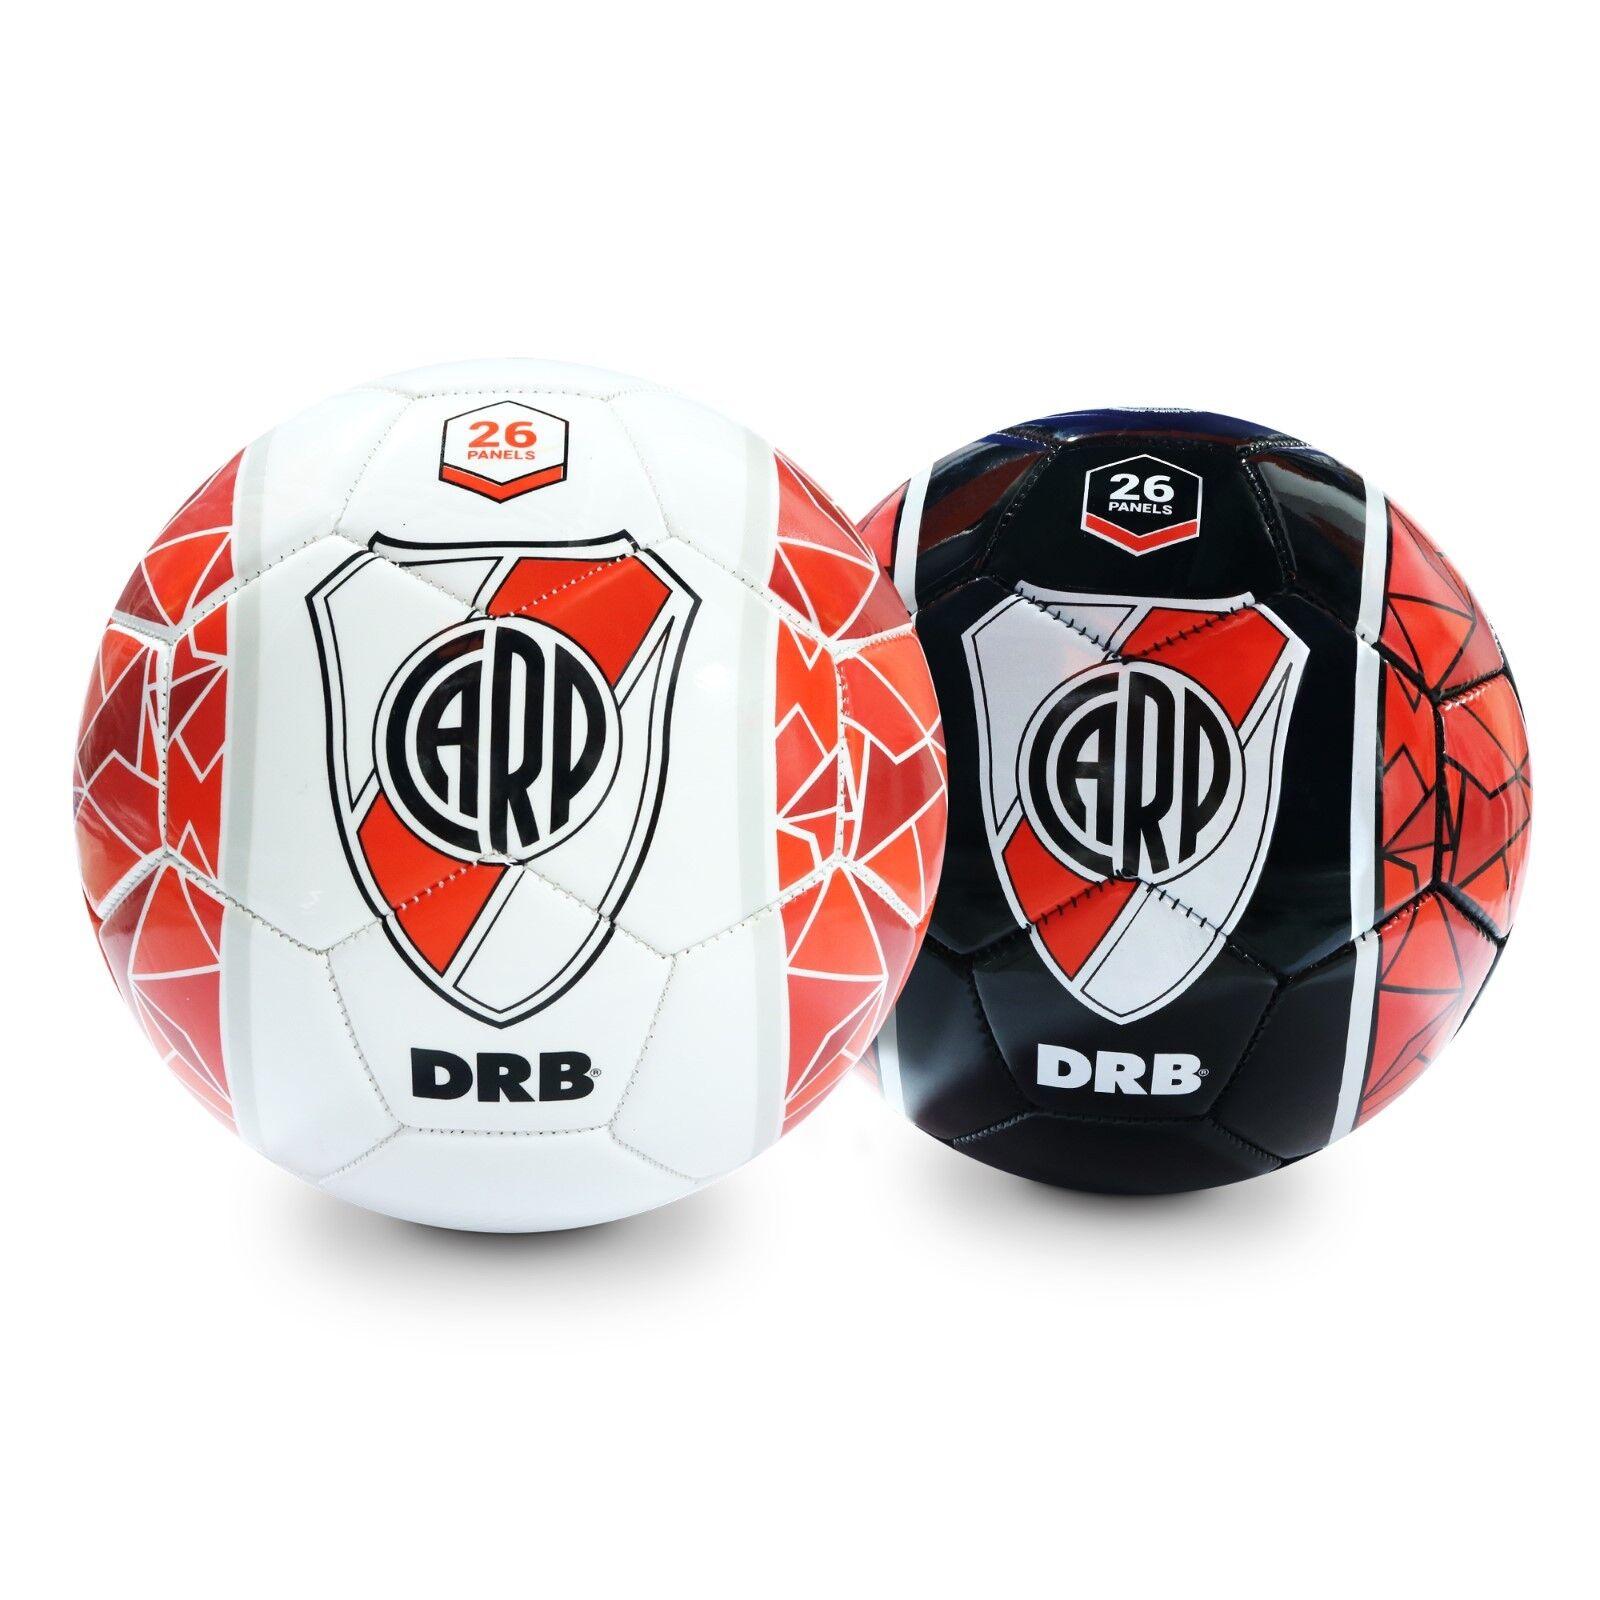 RIVER PLATE Größe   2 - (12 soccer Balls) - Official Licensed Product